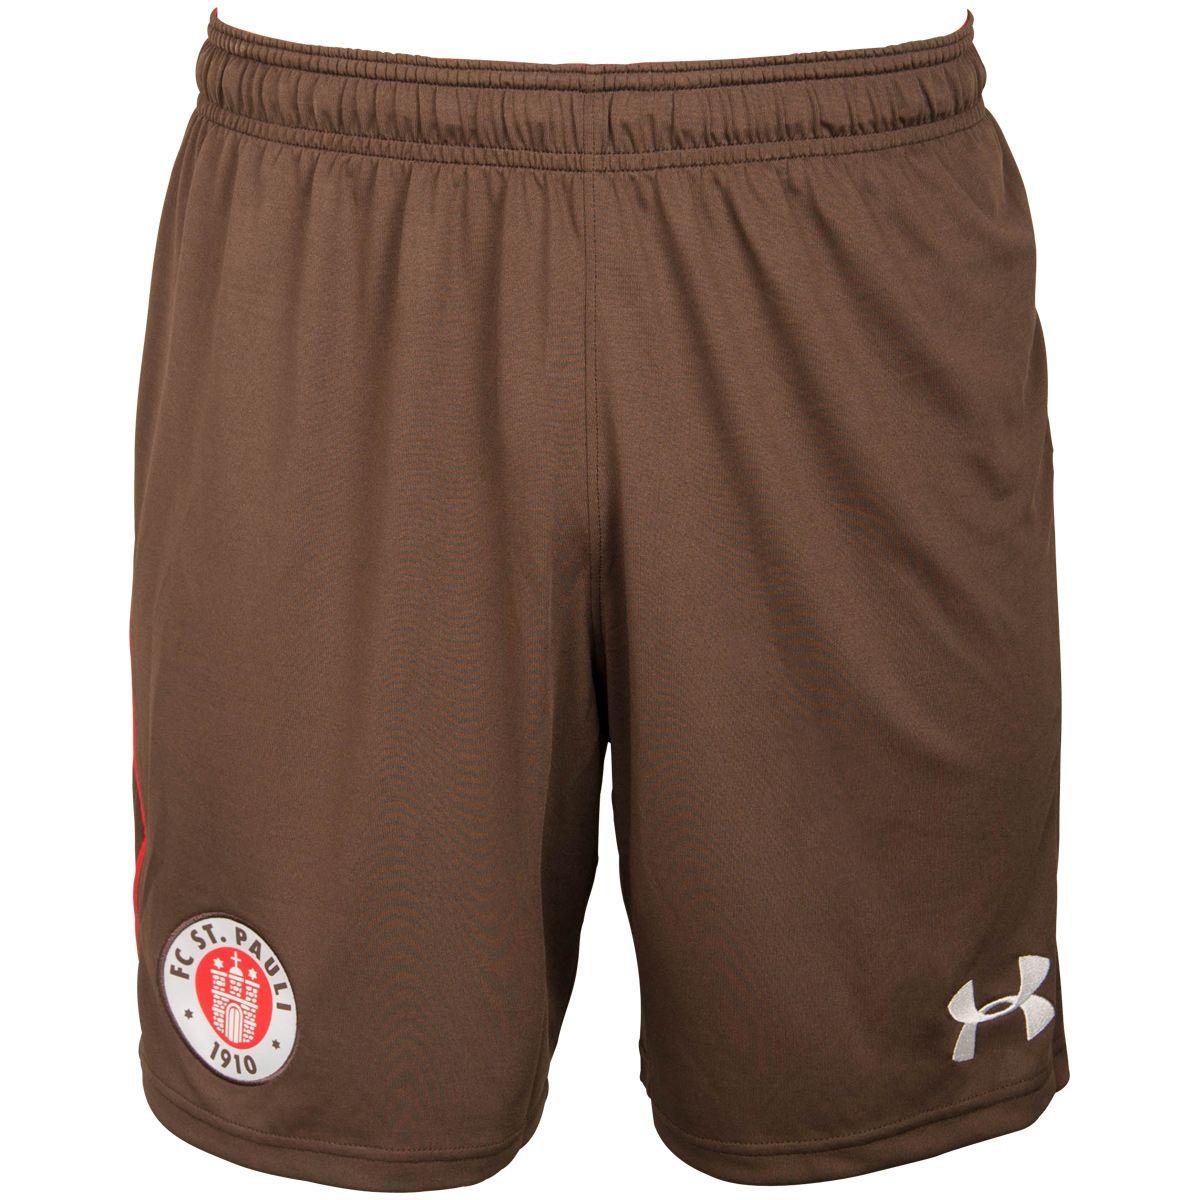 FC St. Pauli - Hose Heim 2018-19 - braun